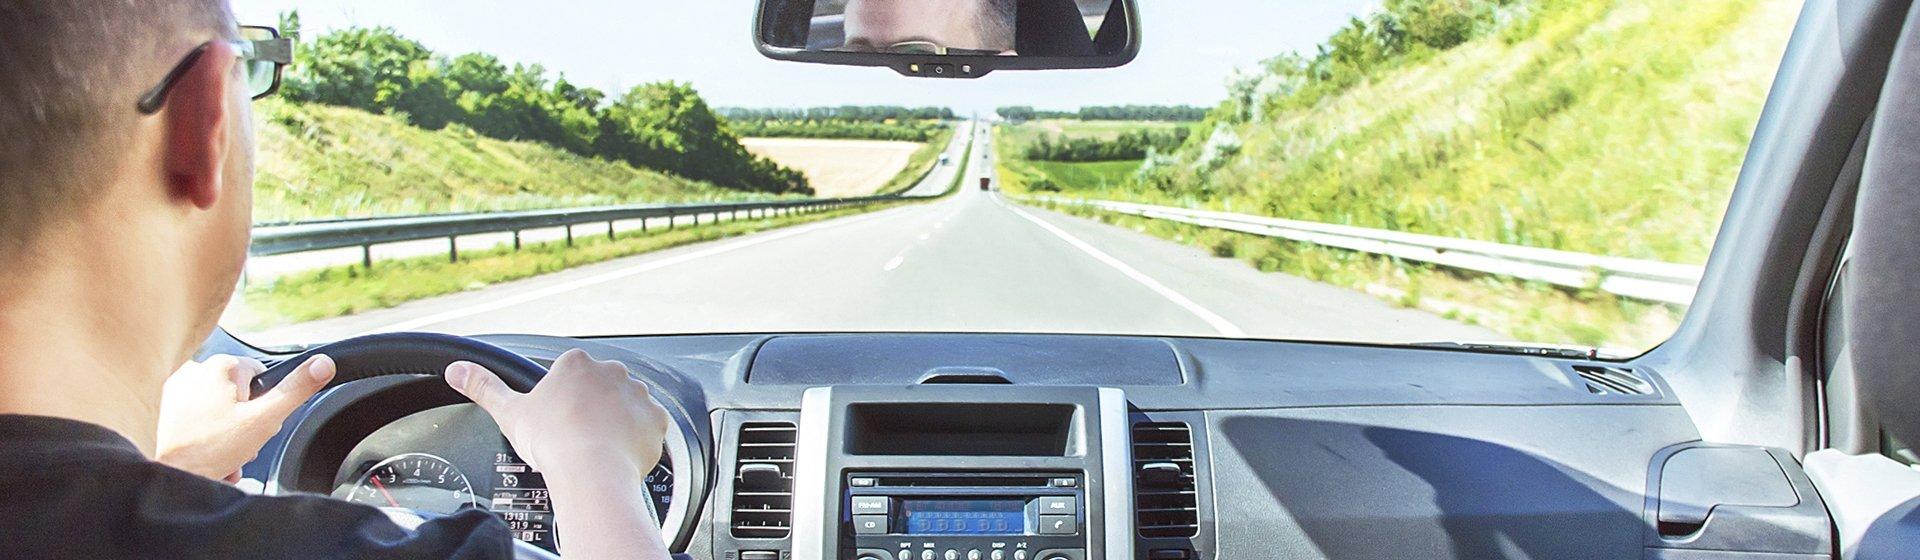 Autoverzekering met WA-dekking: waarom geen eigen risico?